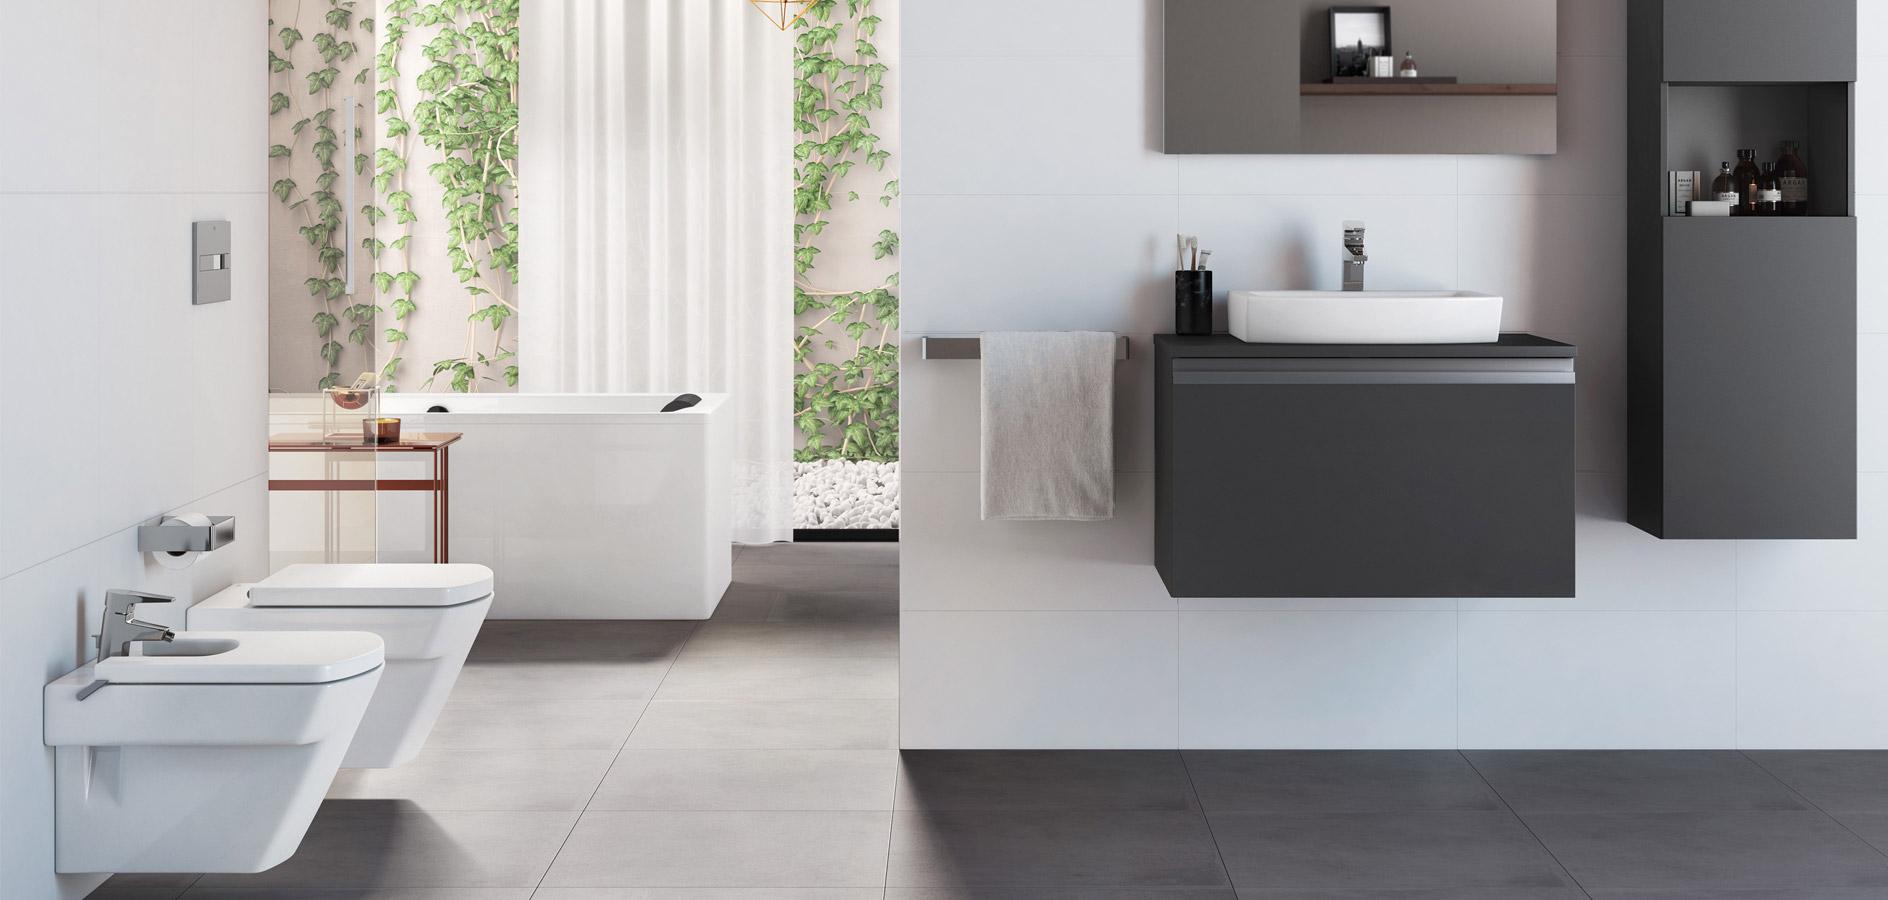 Tu reforma de baño en 5 pasos | Roca Life